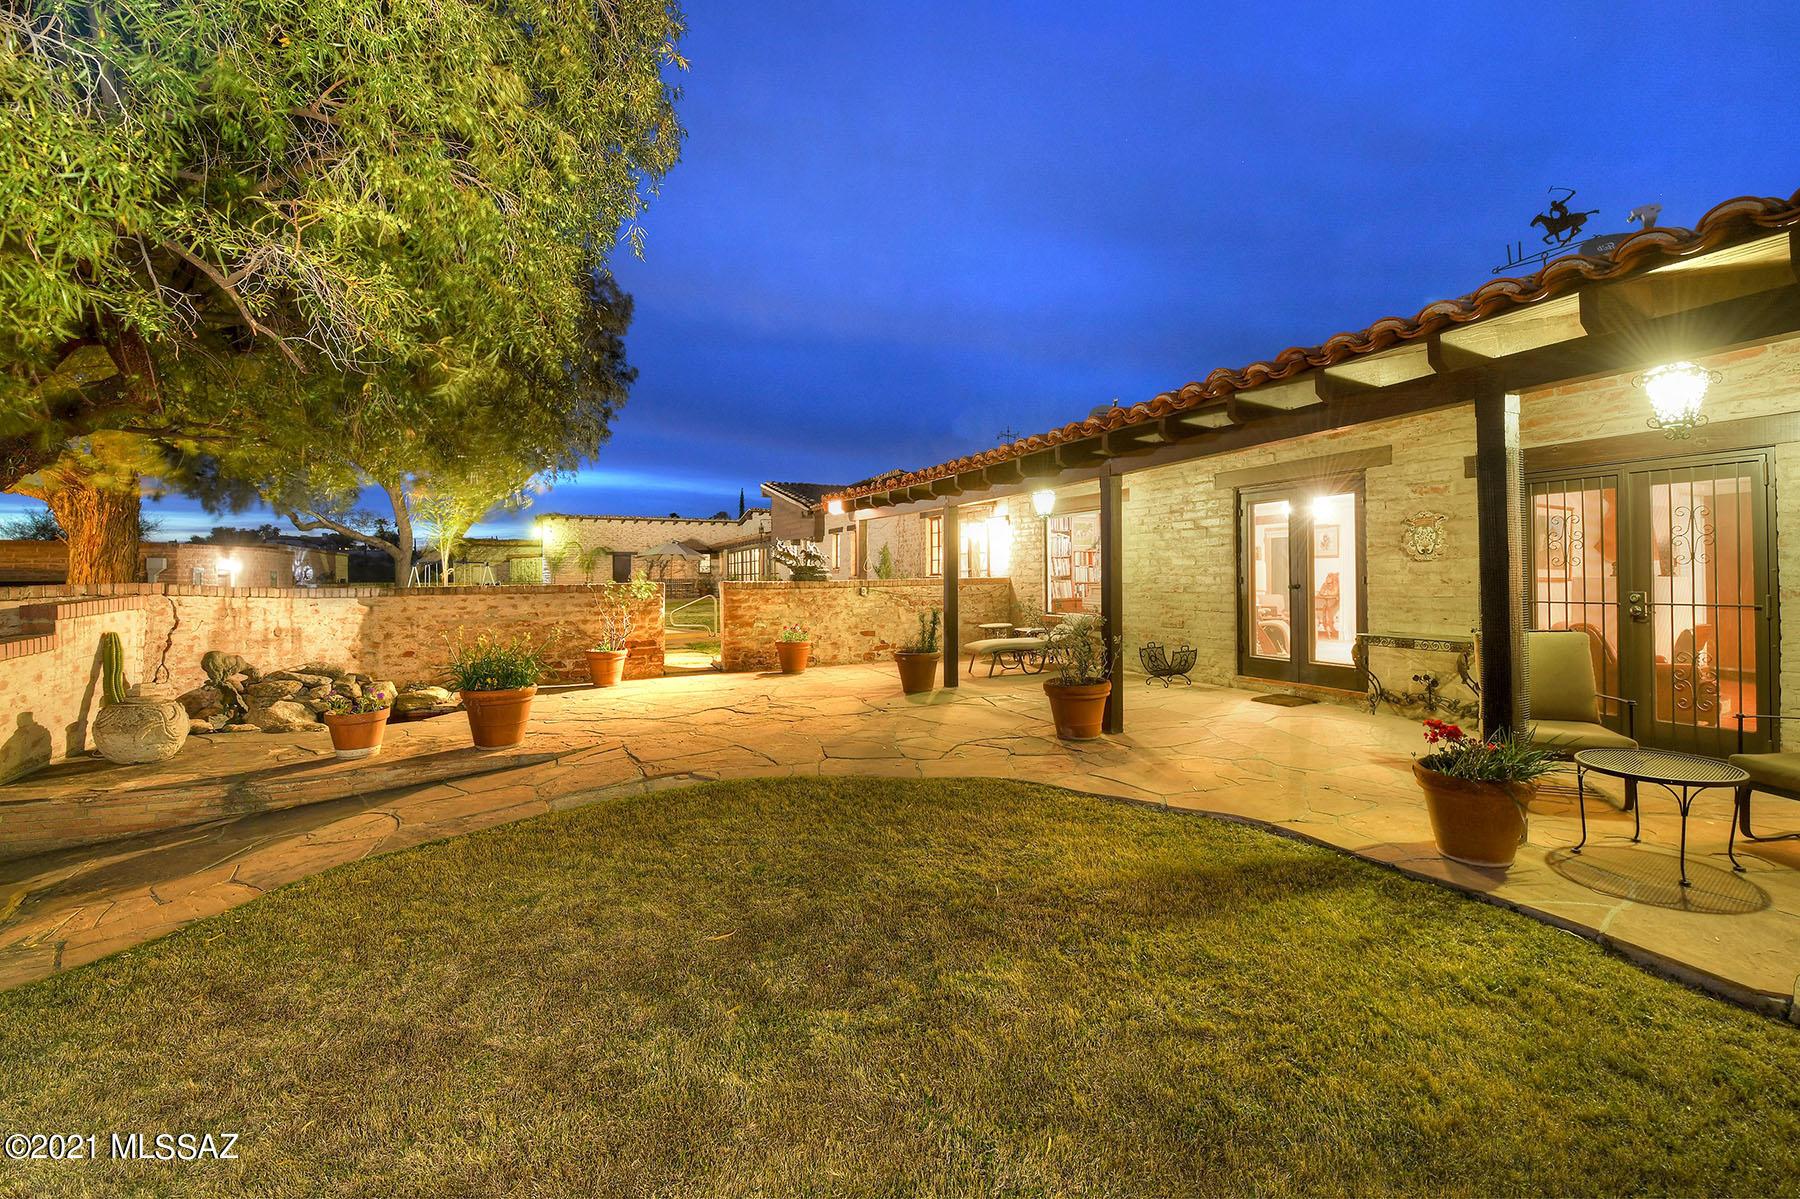 Photo of 4950 N Calle Colmado, Tucson, AZ 85718